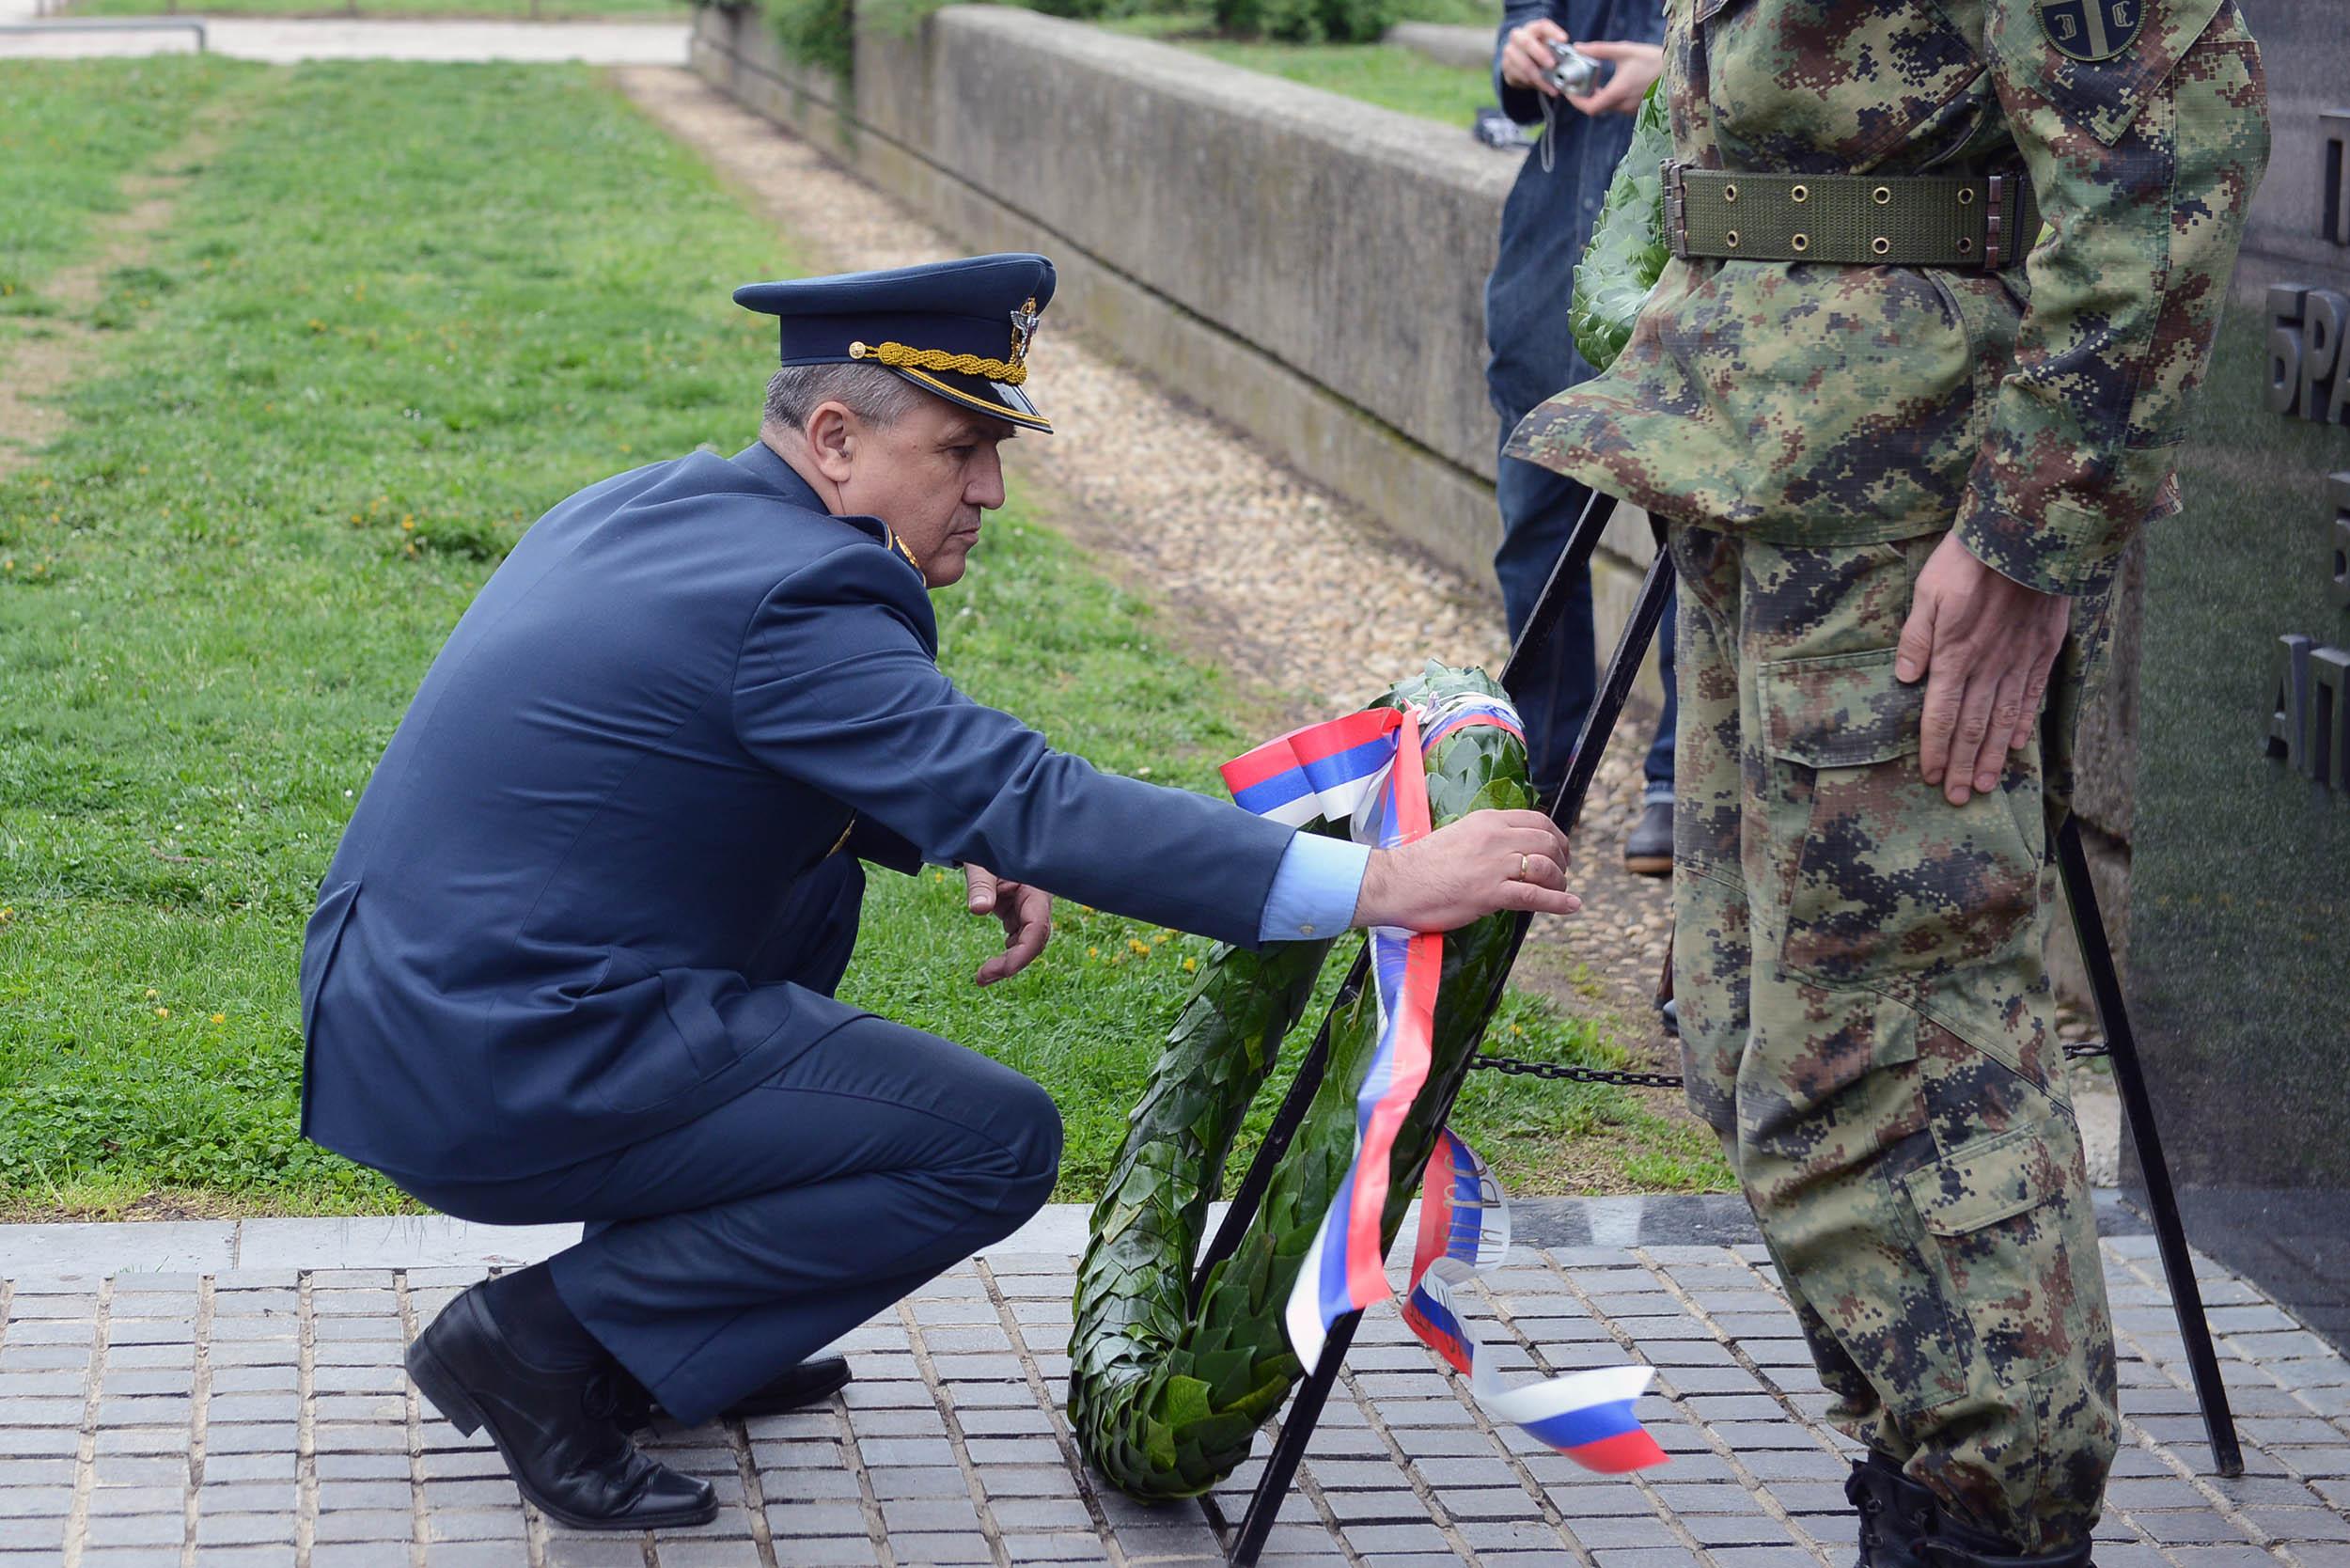 Дан сећања на почетак Другог светског рата у Југославији